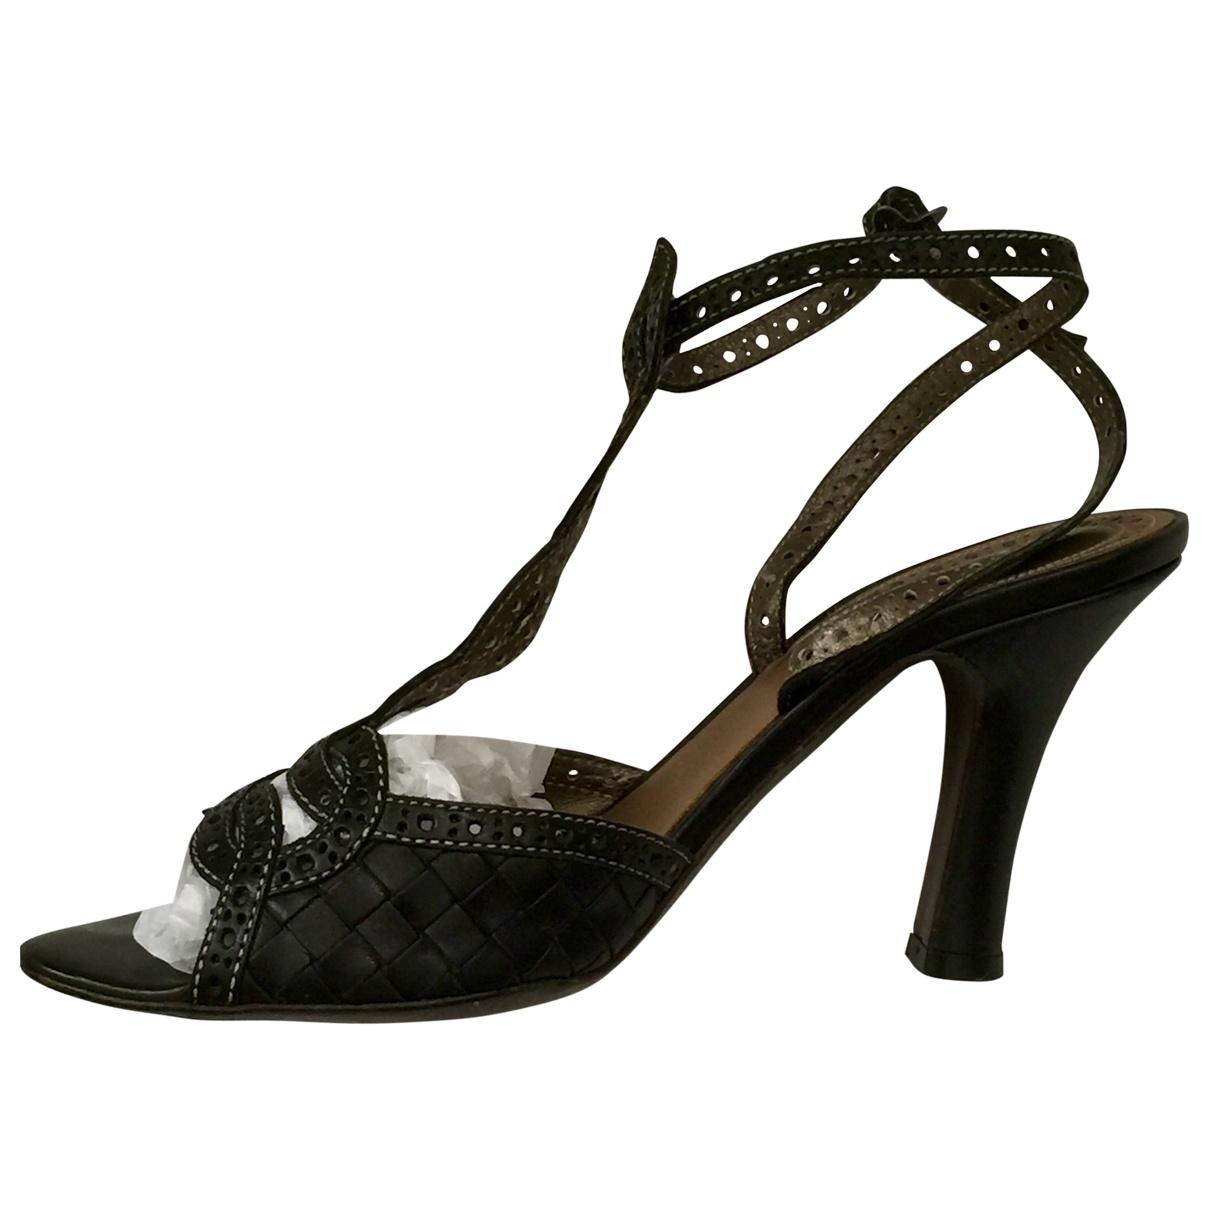 Bottega Veneta \N Black Leather Sandals for Women 38.5 EU